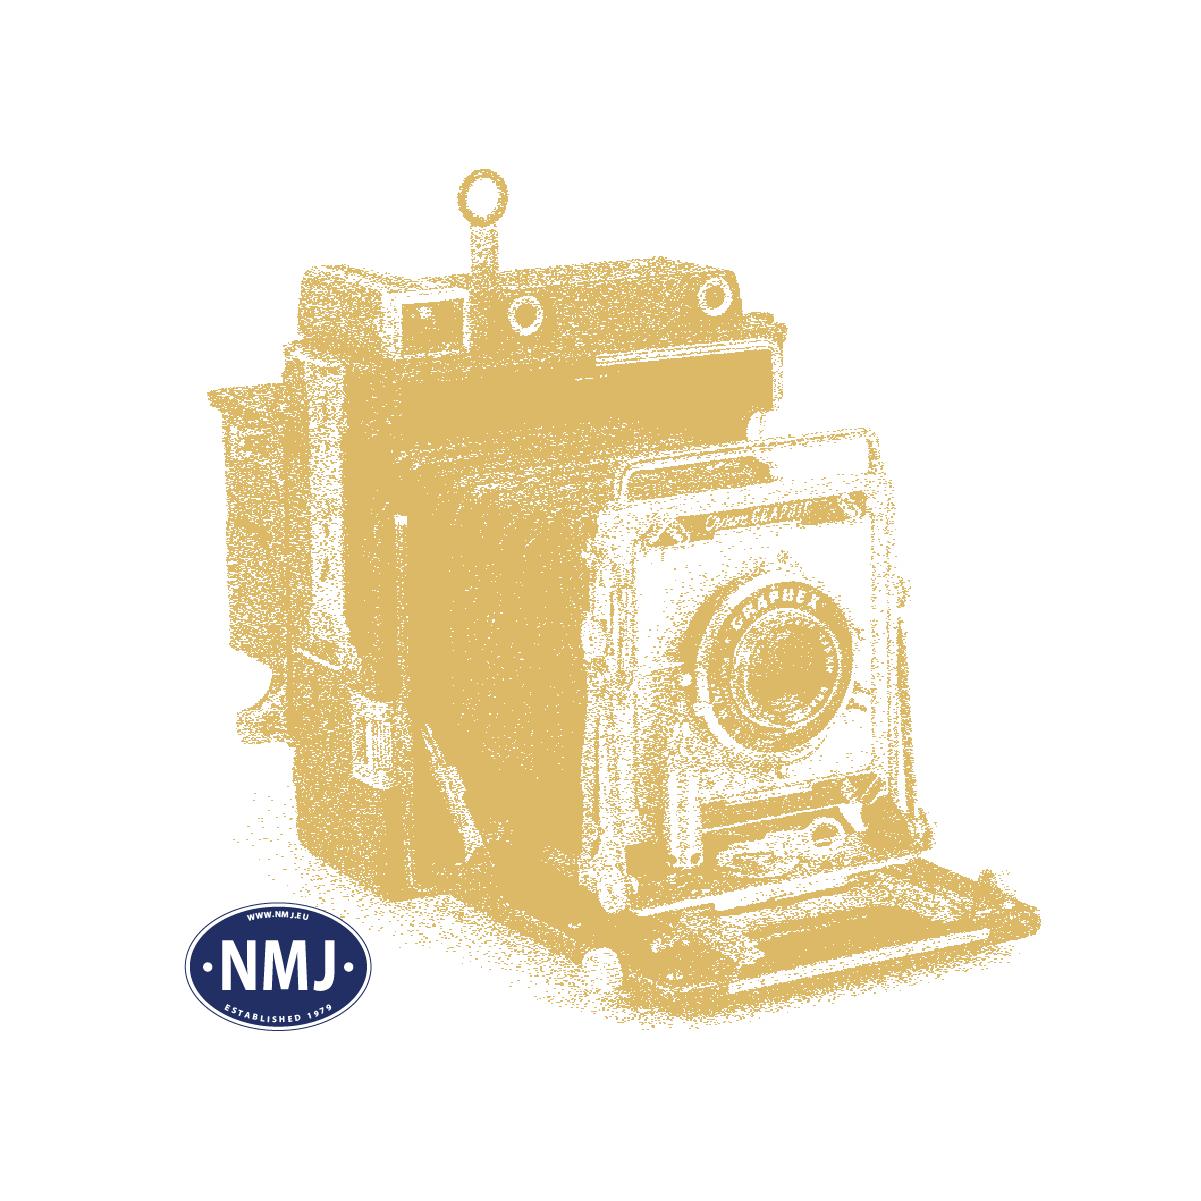 NMJT130.201 - NMJ Topline NSB B3-2 Type 3 25510, Mellomdesign